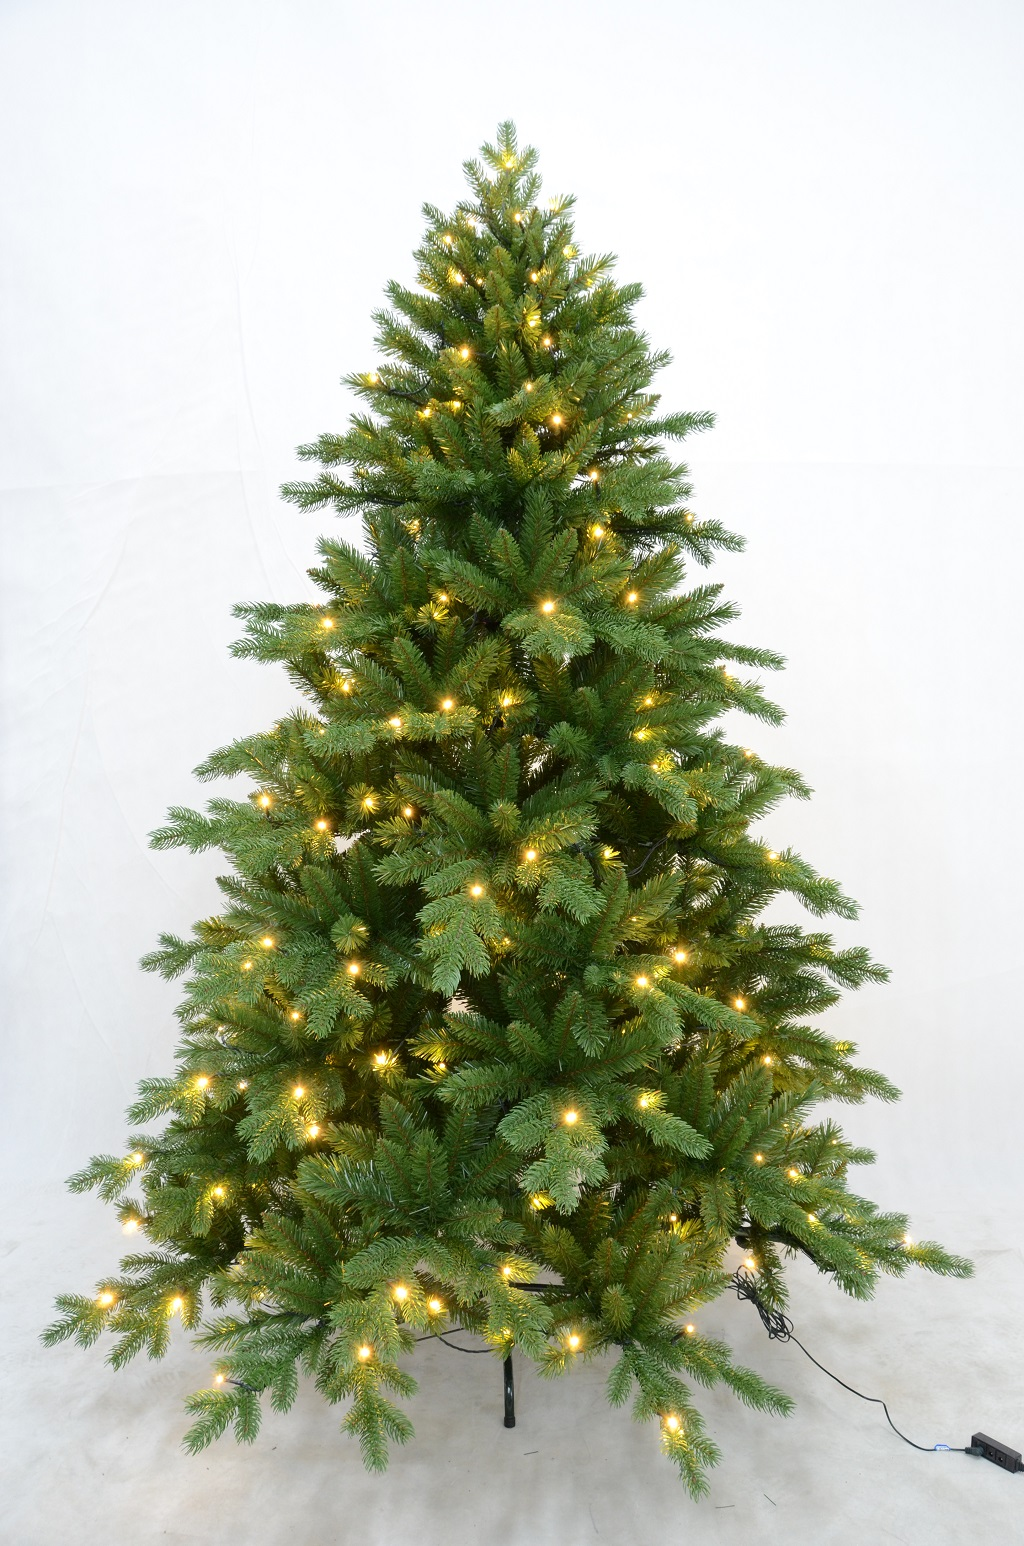 k nstlicher christbaum weihnachtsbaum tannenbaum mit beleuchtung led ebay. Black Bedroom Furniture Sets. Home Design Ideas